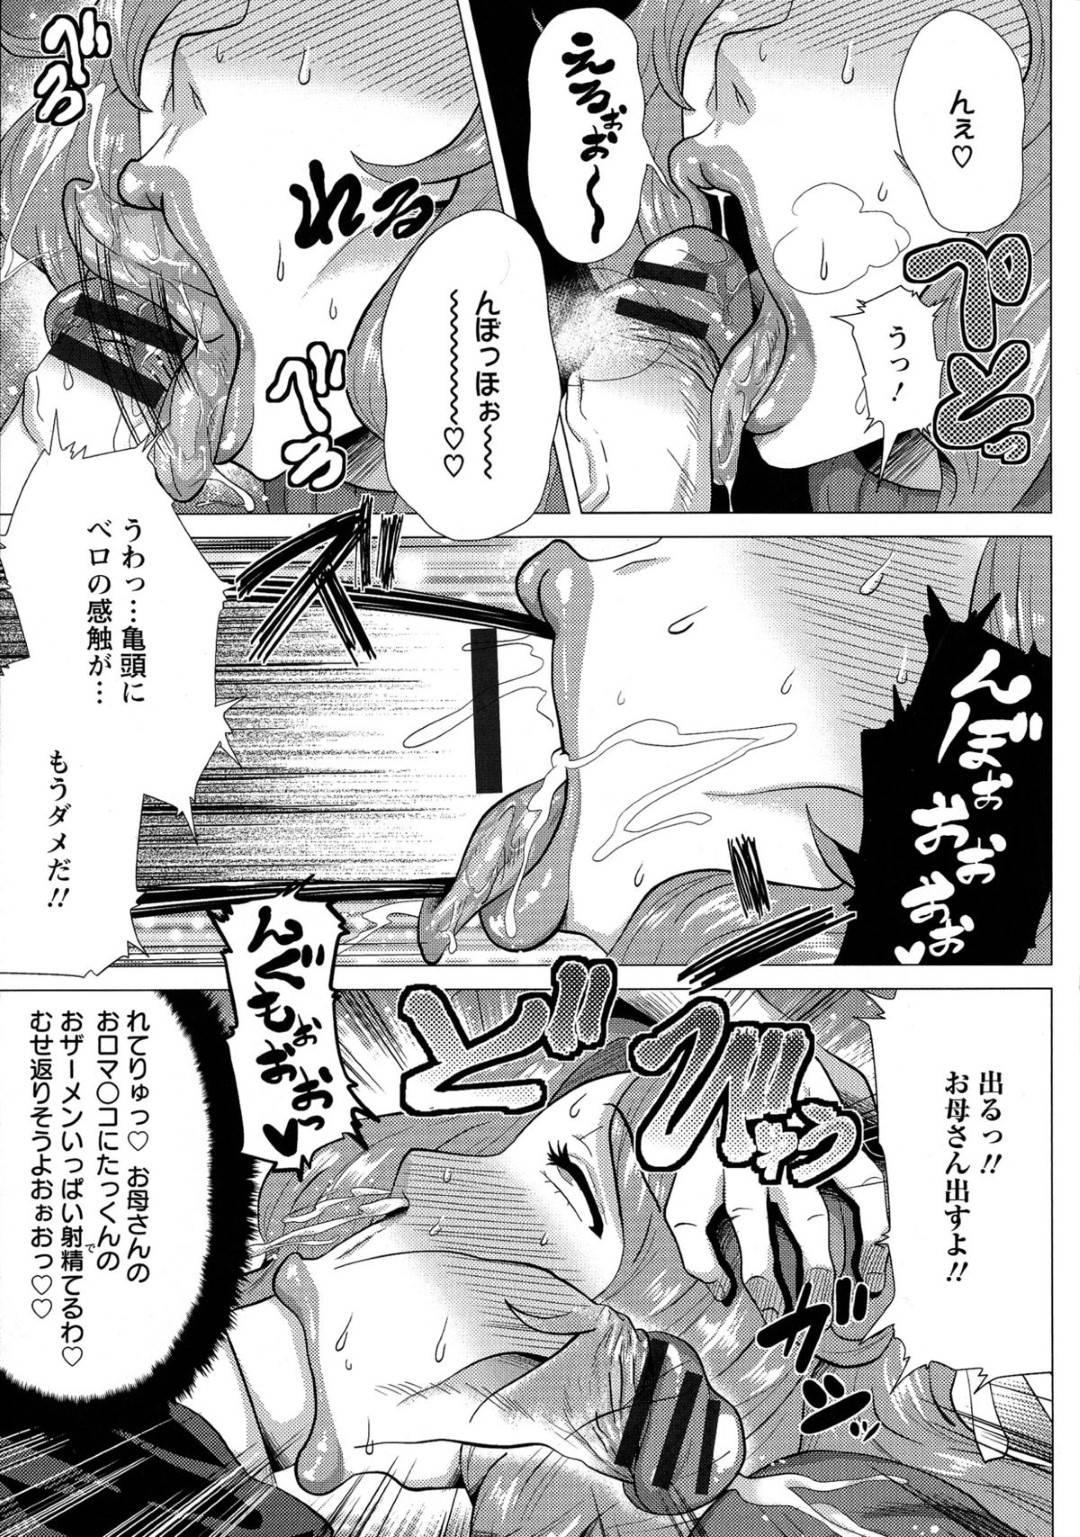 【エロ漫画】久しぶりに会った息子を襲っちゃう母親…フェラしたりだいしゅきホールドに中出しされて禁断の近親相姦しちゃう!【ヨッコラ:セックスも母の務めです!】